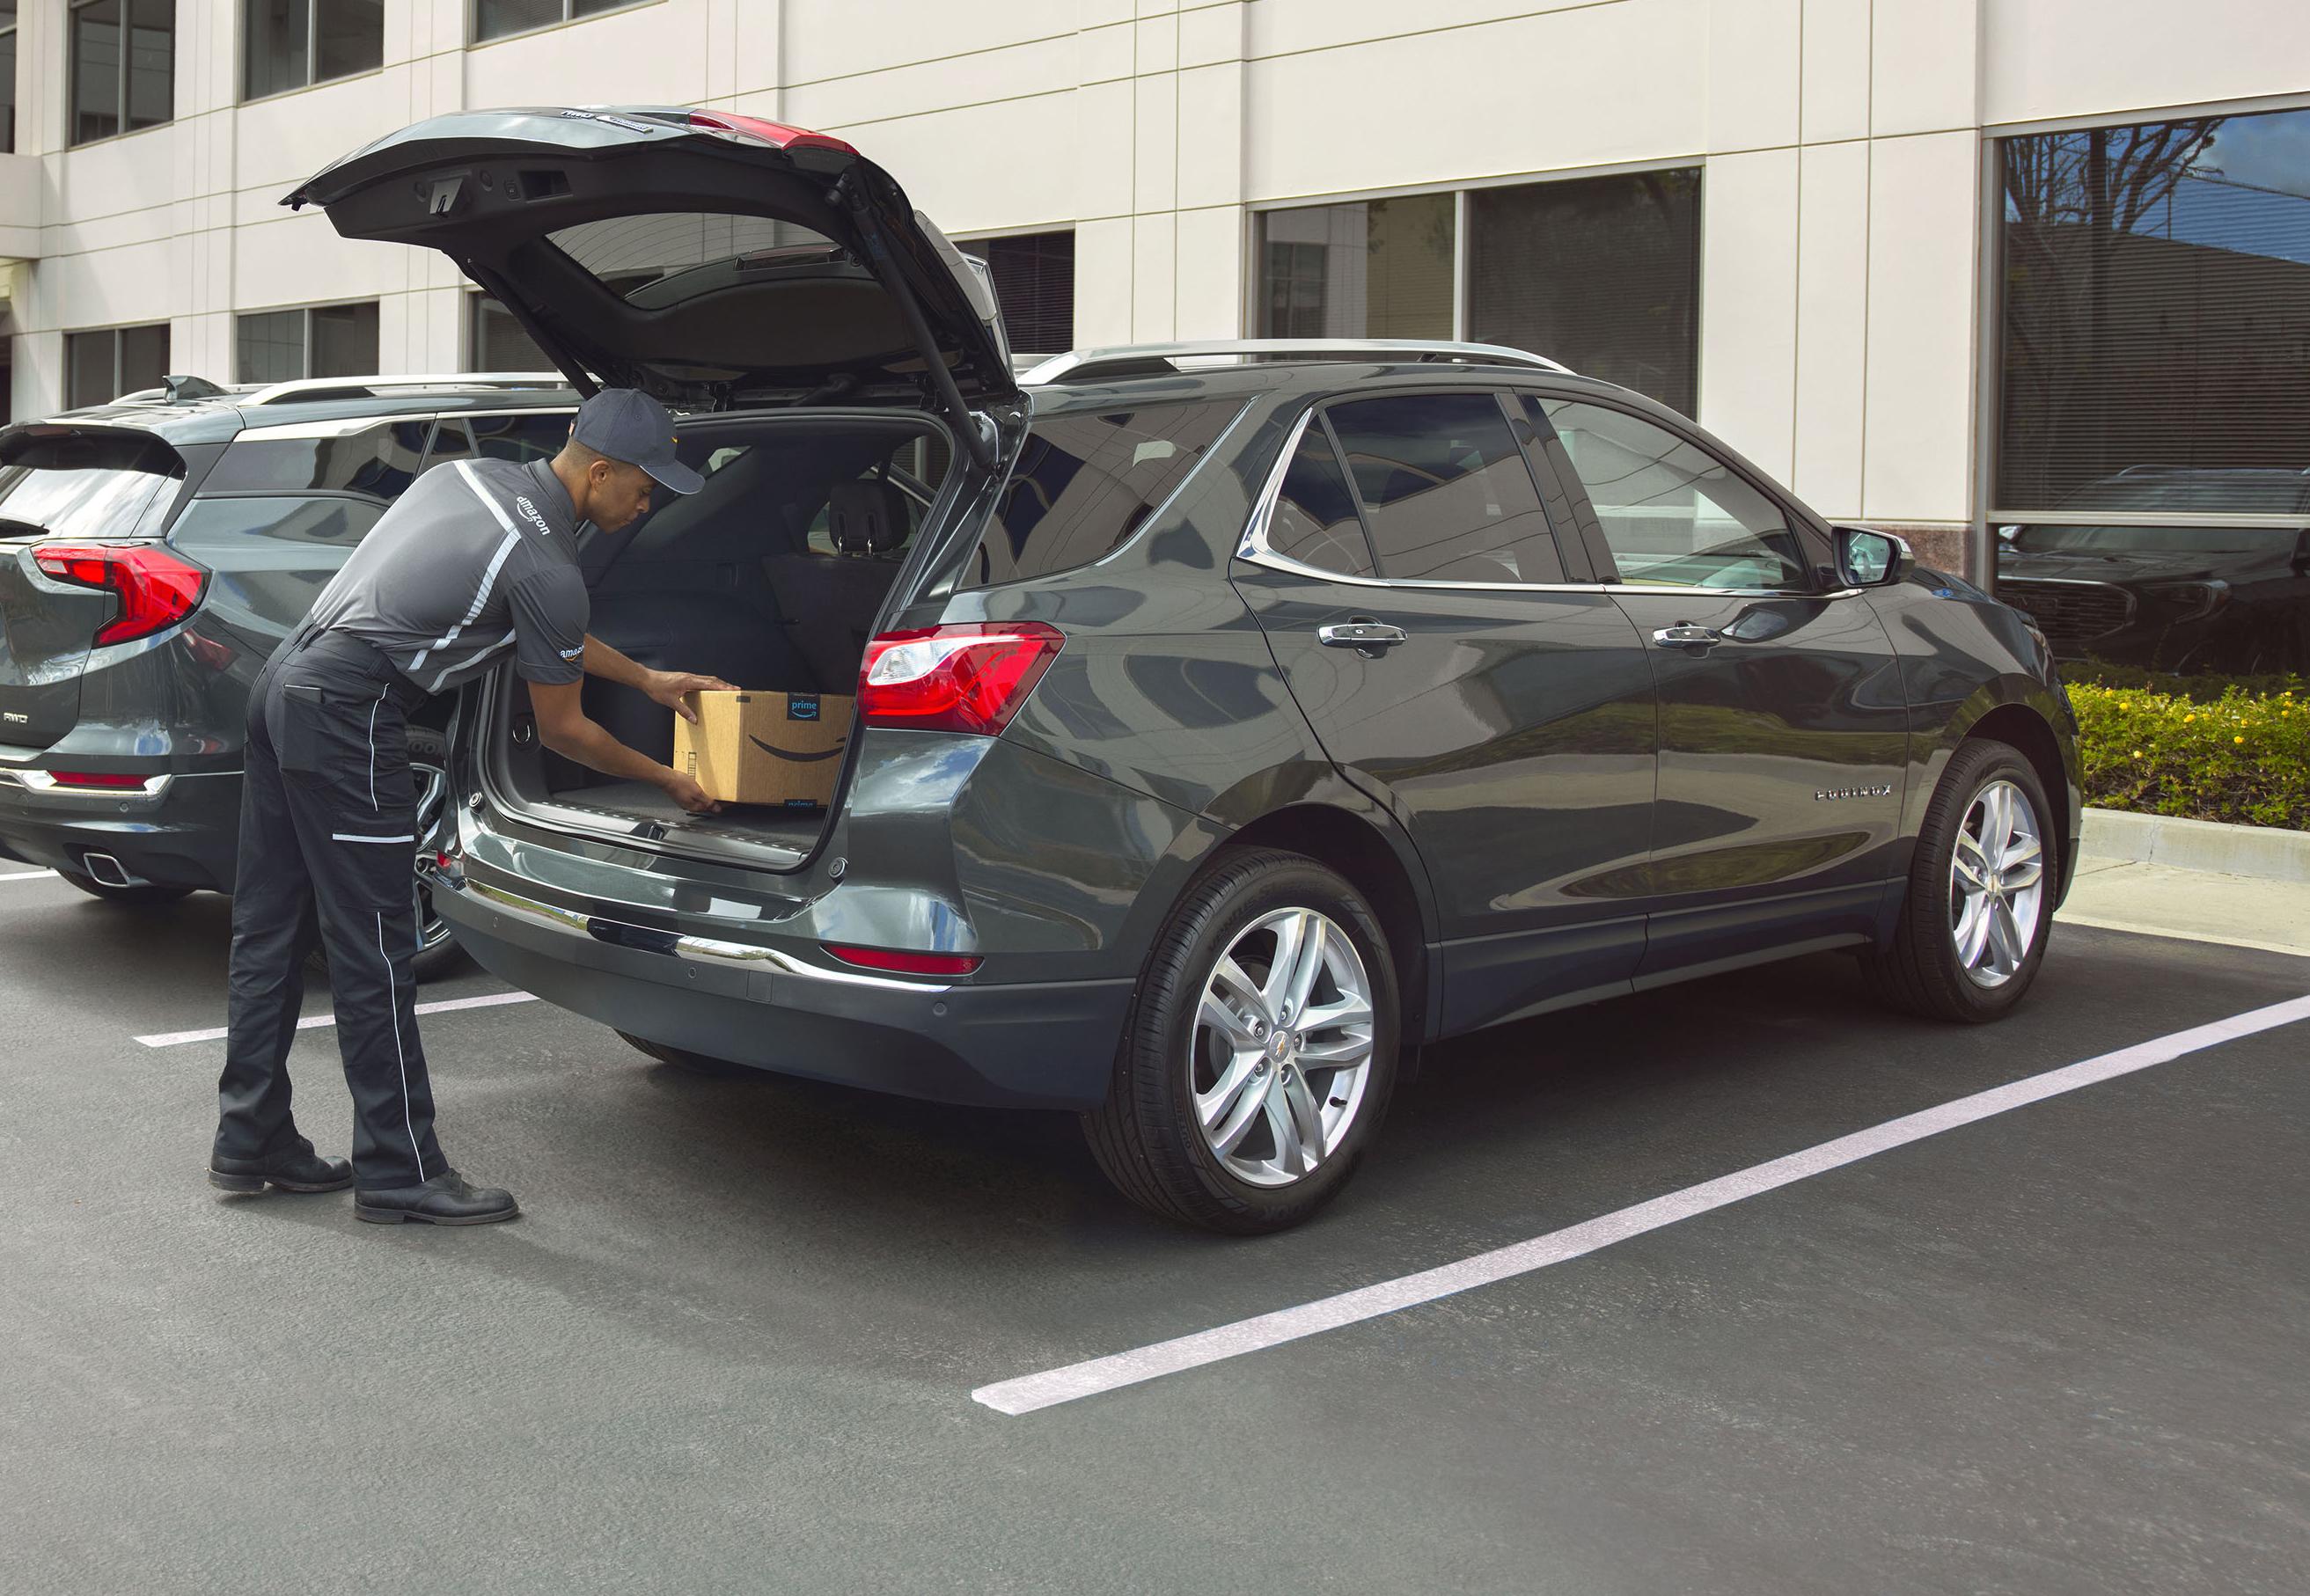 cr assistance to honda the buick o compare a roadside encore comparison v vehicle vs